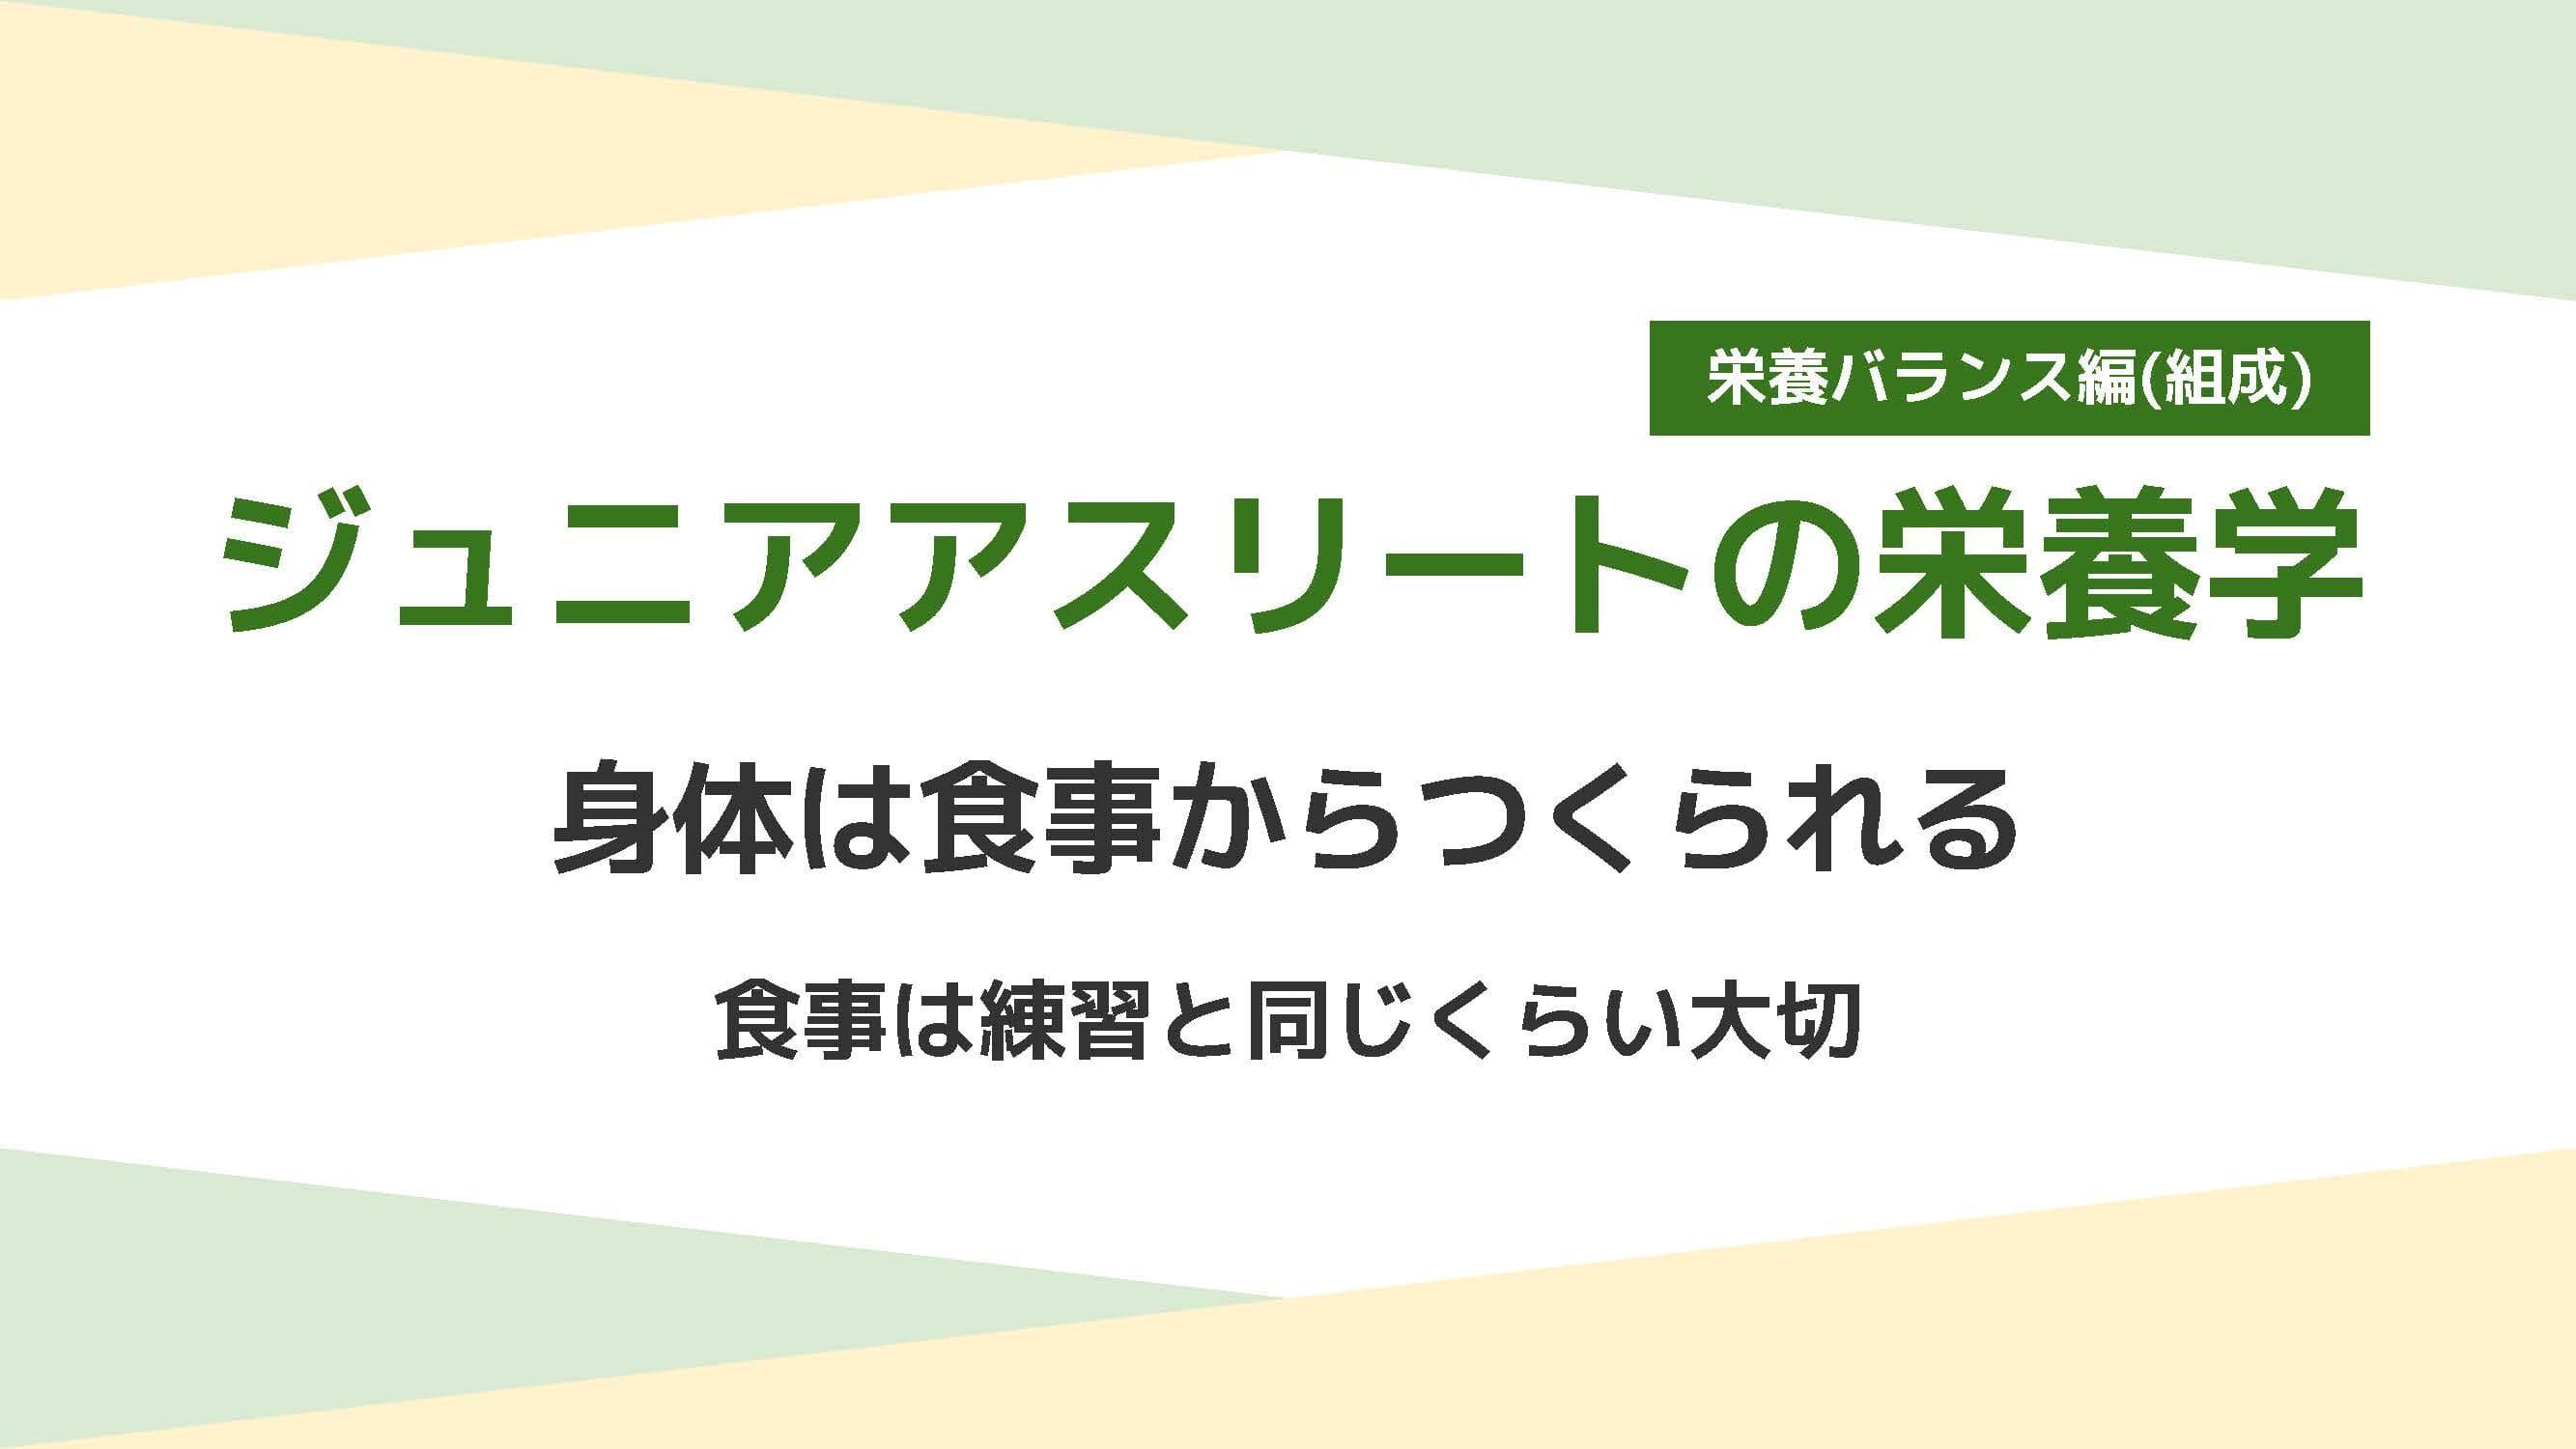 ジュニアアスリートの栄養学 栄養バランス編(組成)